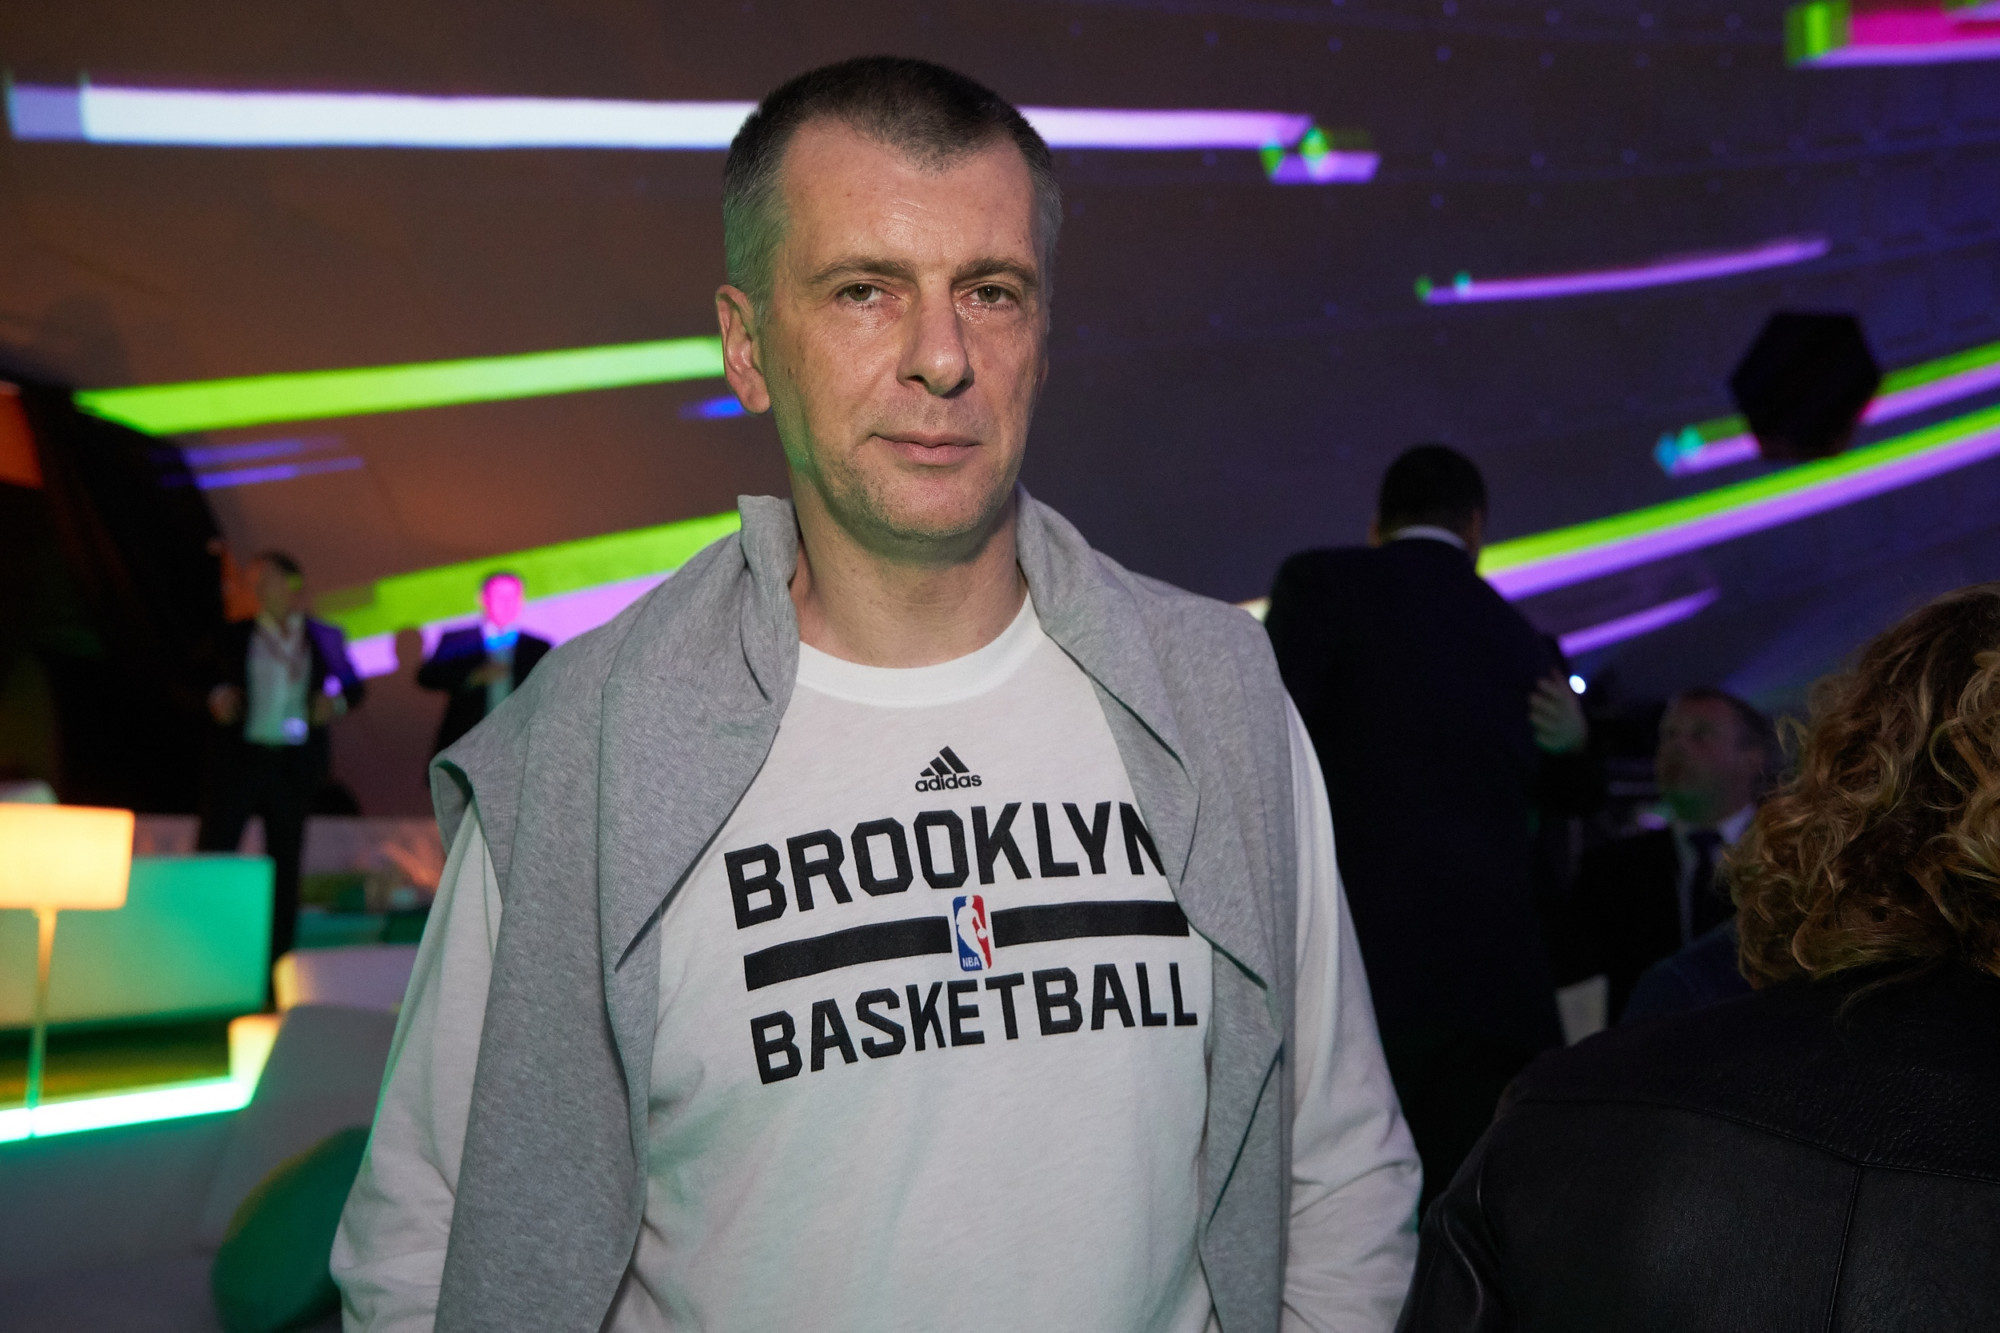 Михаил прохоров - биография, информация, личная жизнь, фото, видео